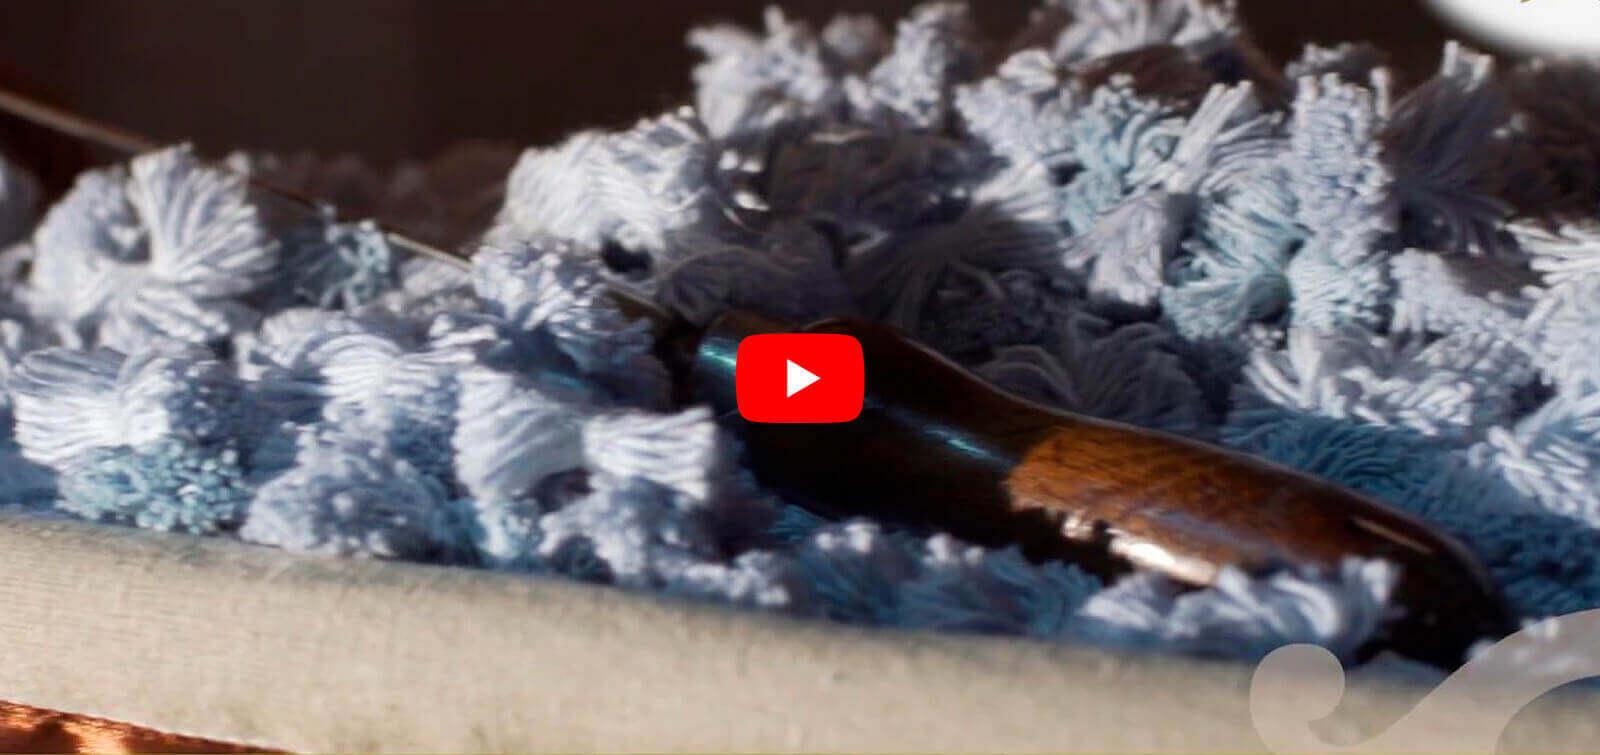 Colchones Biosystem by Relax, un saber hacer que se trasmite de un artesano a otro